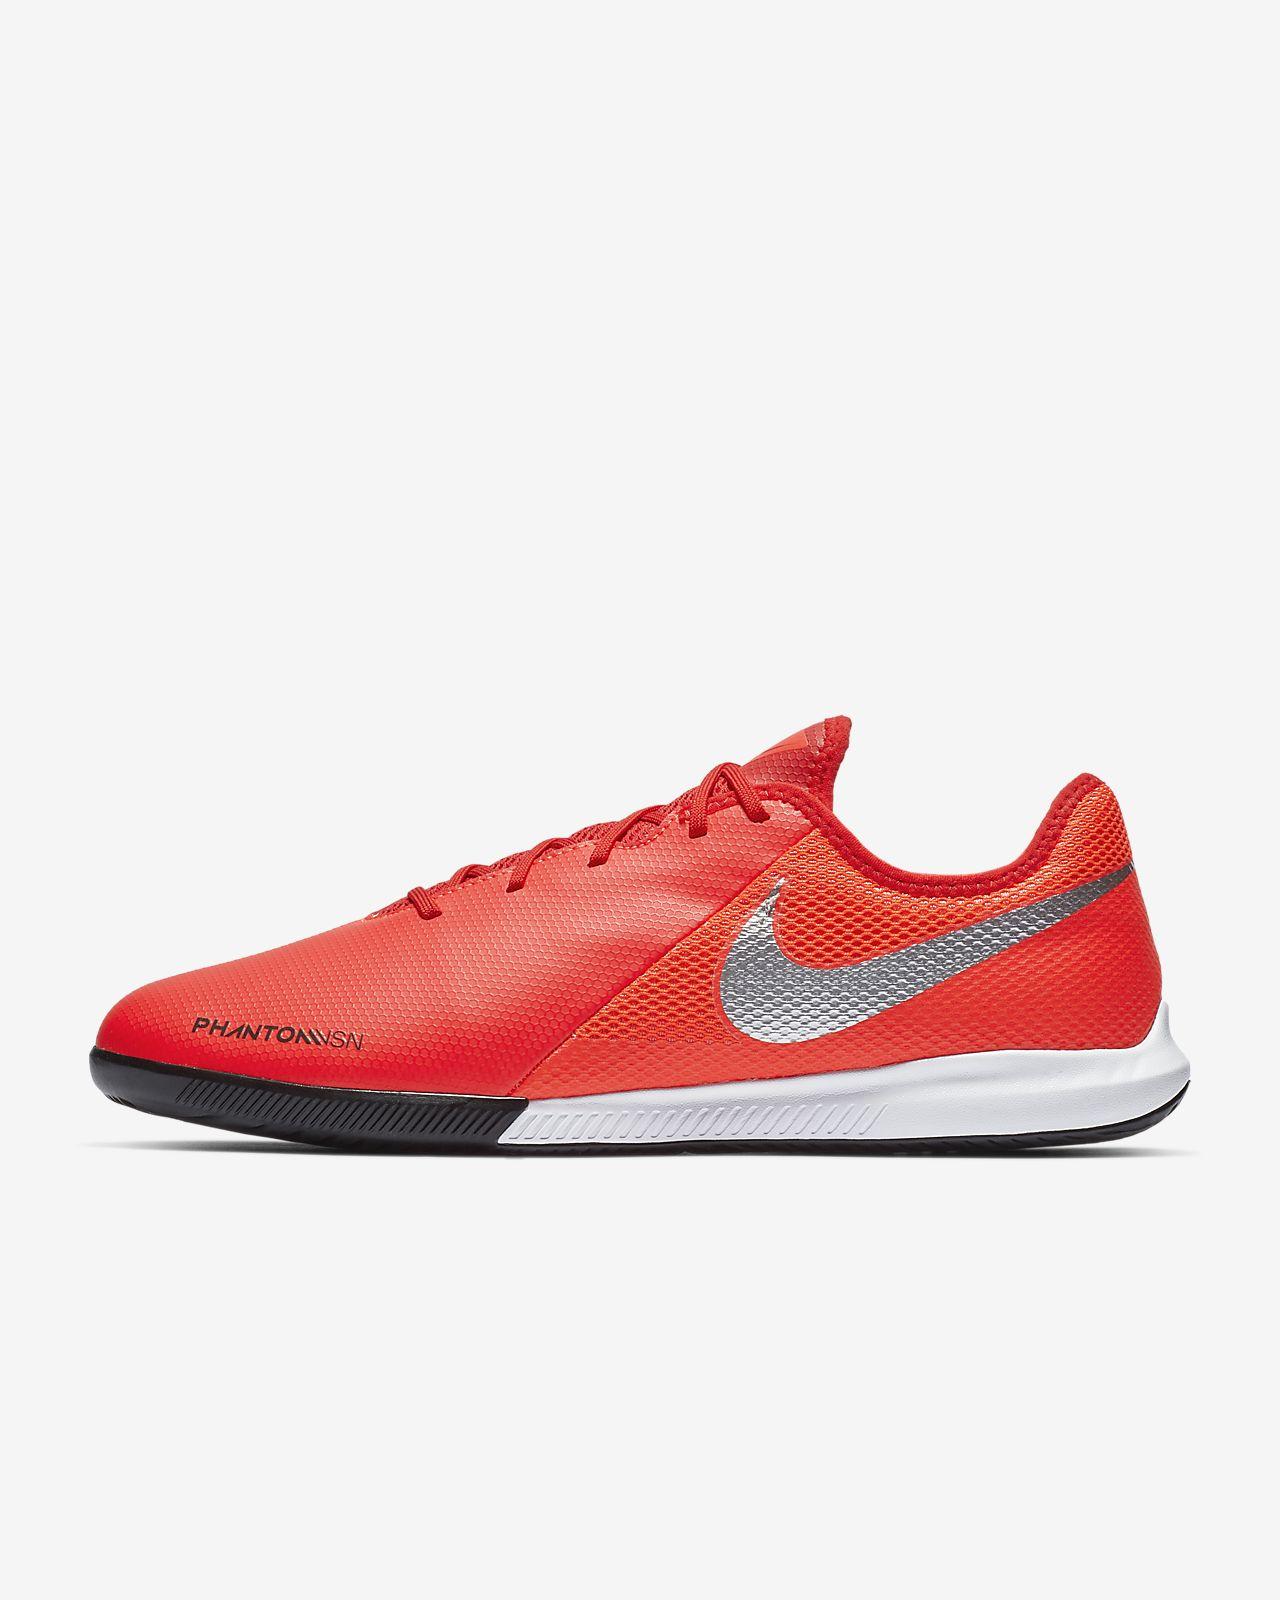 7c77129bdfa62 Nike PhantomVSN Academy Game Over IC Botas de fútbol sala. Nike.com ES